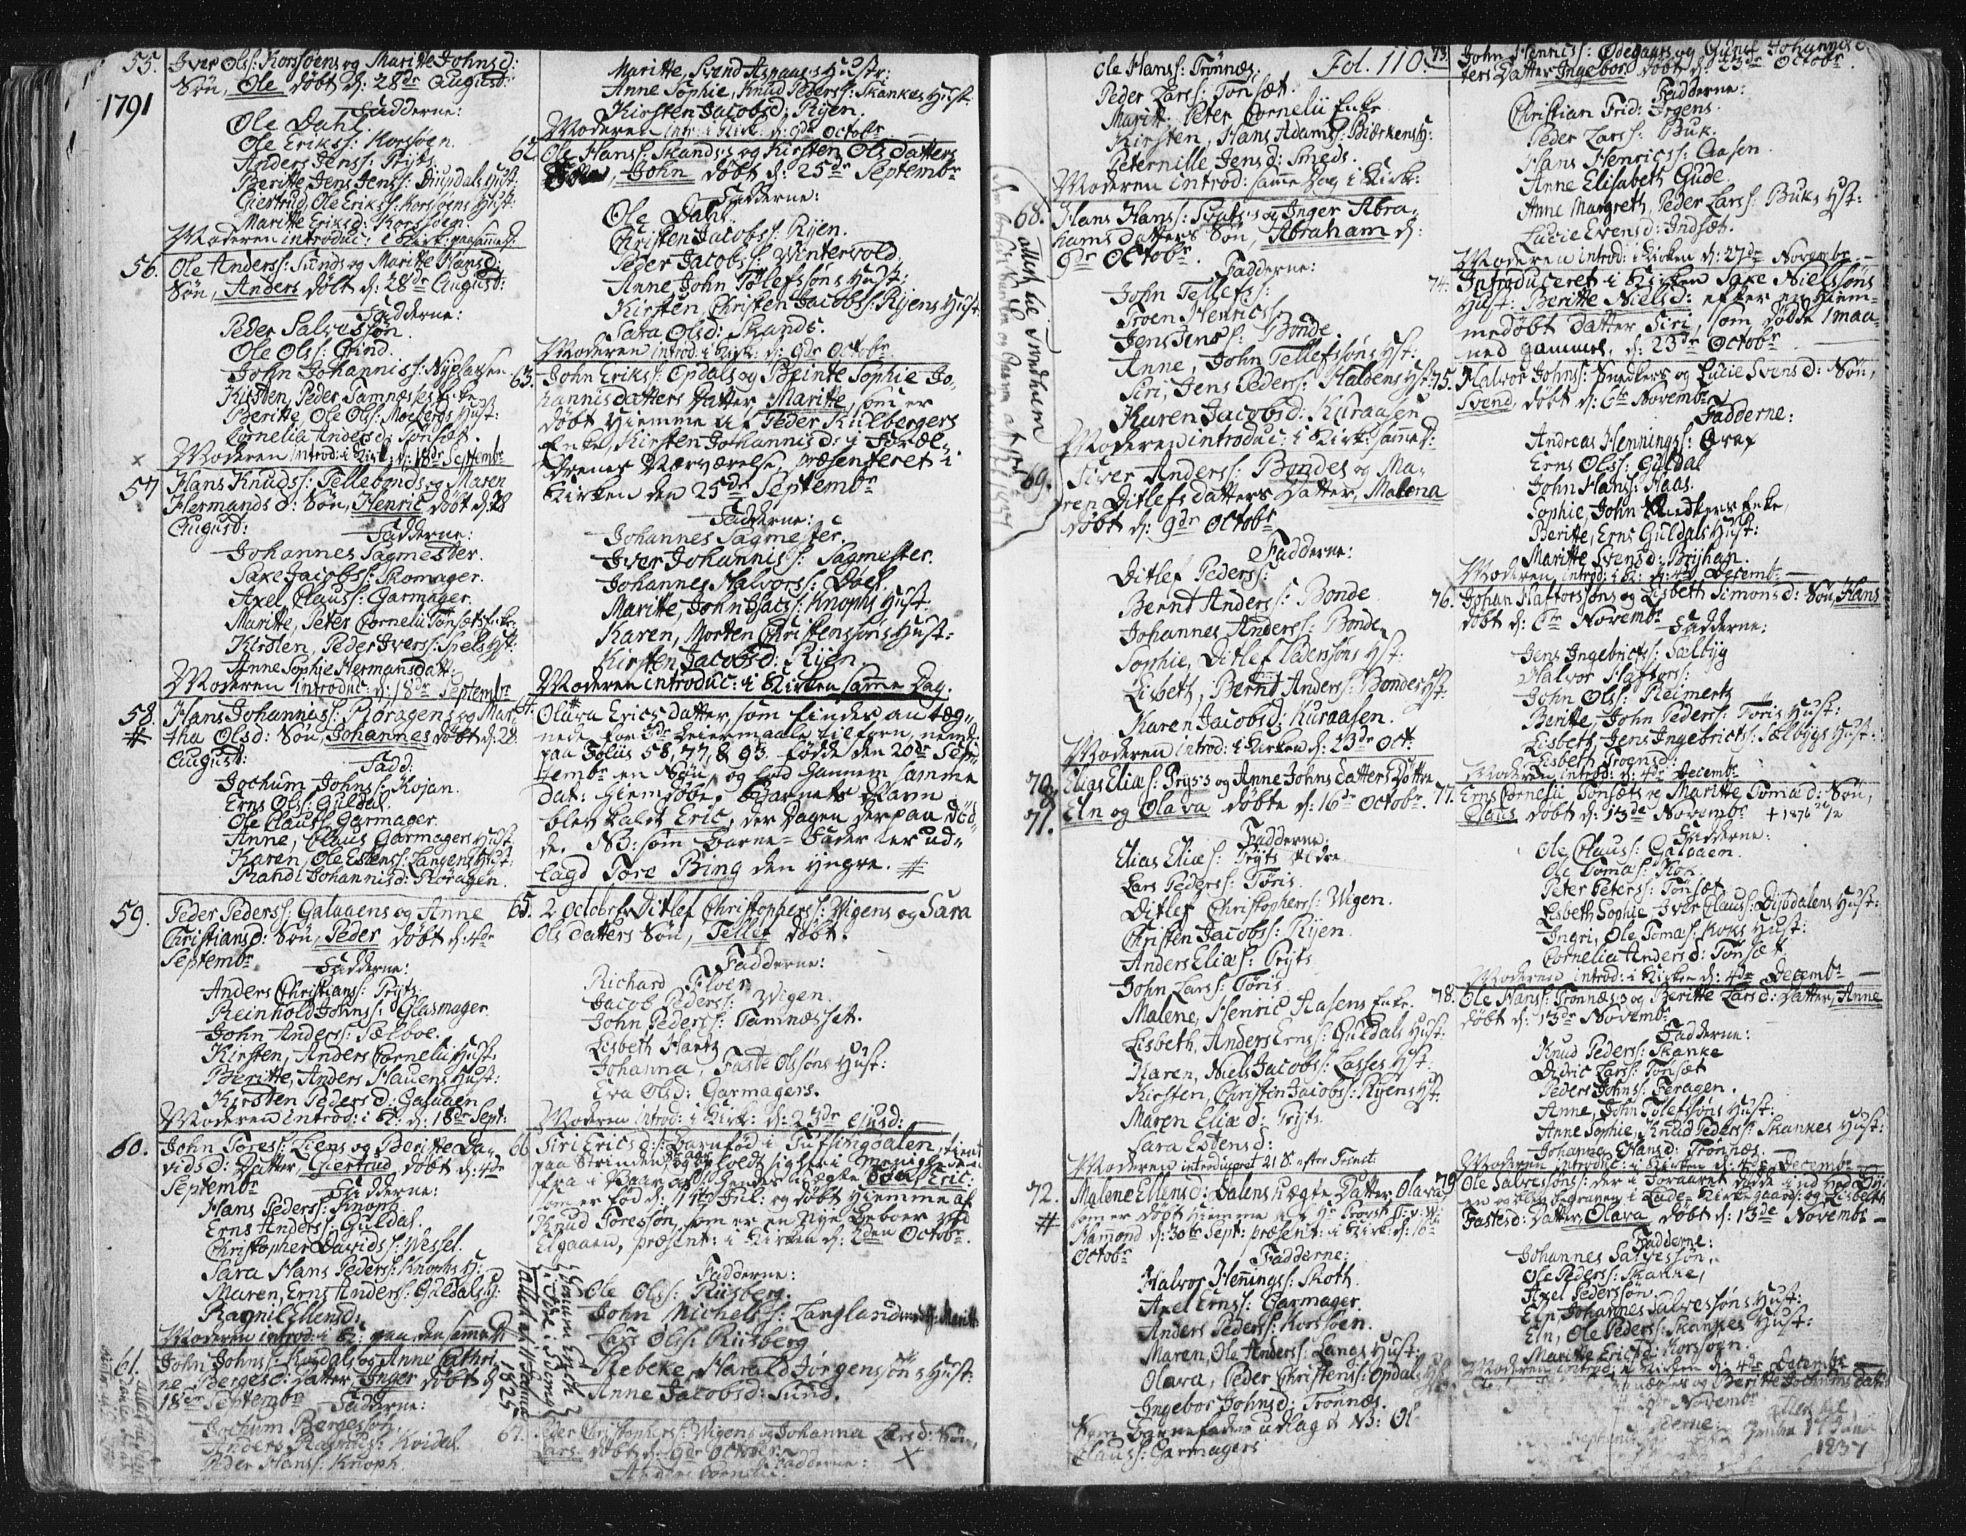 SAT, Ministerialprotokoller, klokkerbøker og fødselsregistre - Sør-Trøndelag, 681/L0926: Ministerialbok nr. 681A04, 1767-1797, s. 110